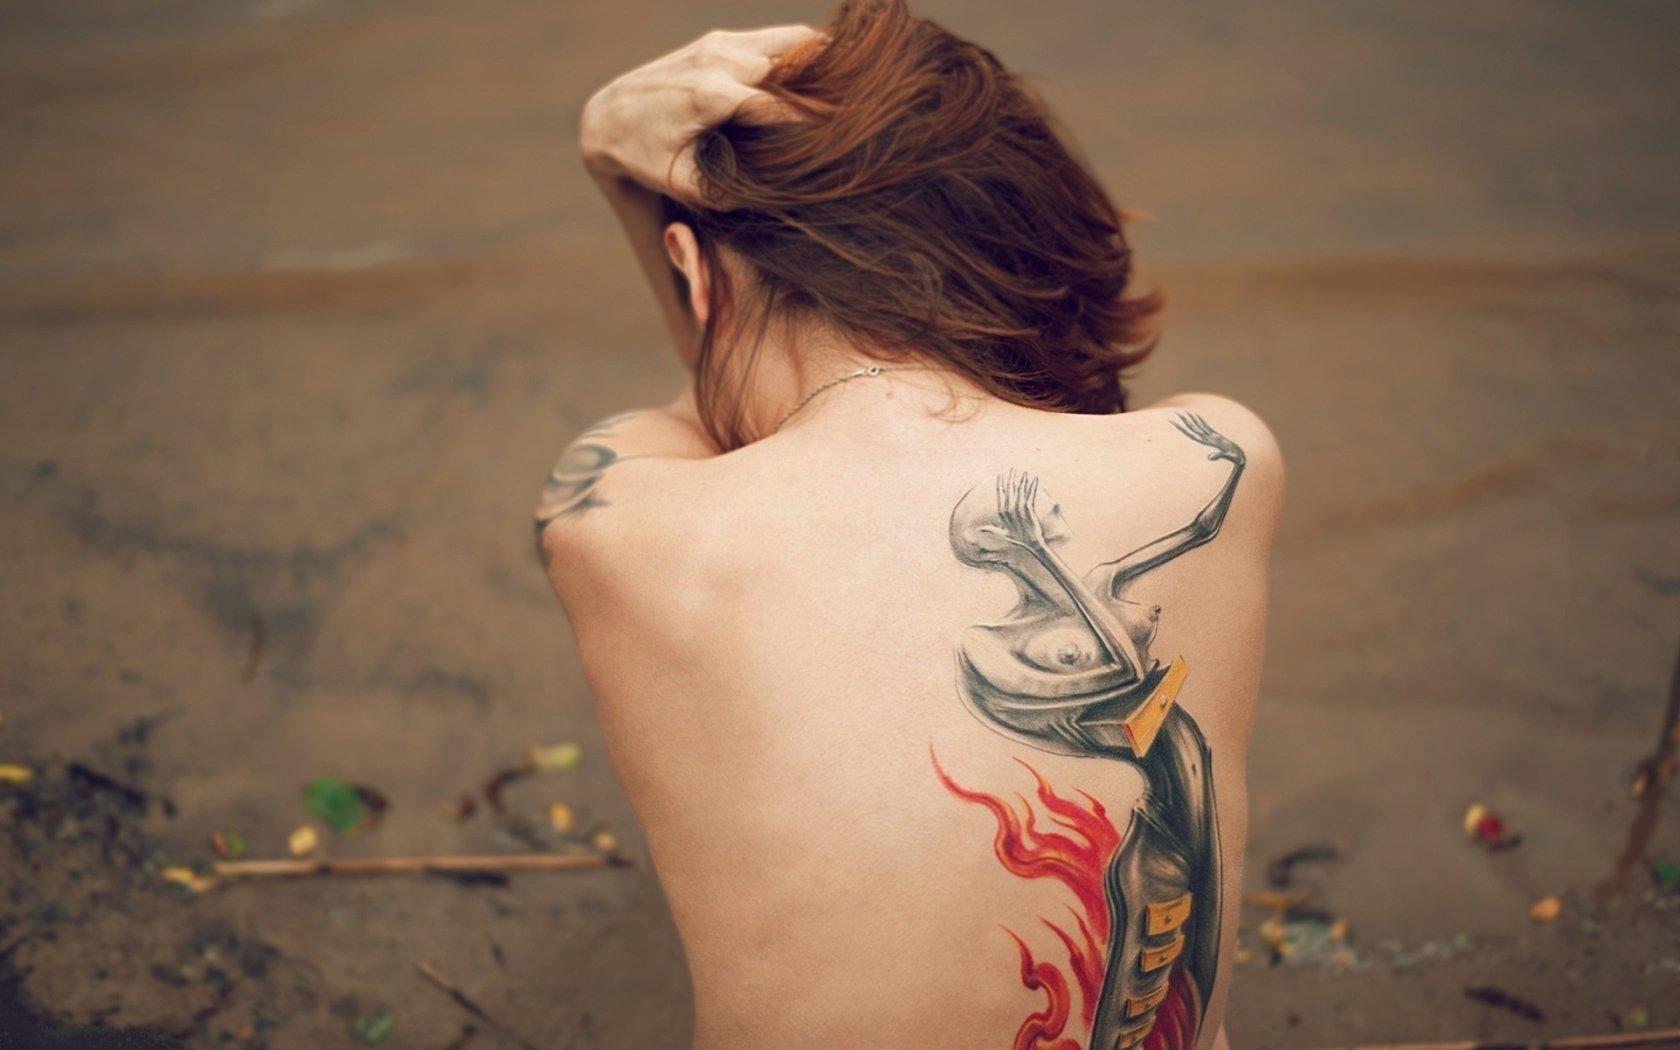 Девушка с татуировкой на спине картинка